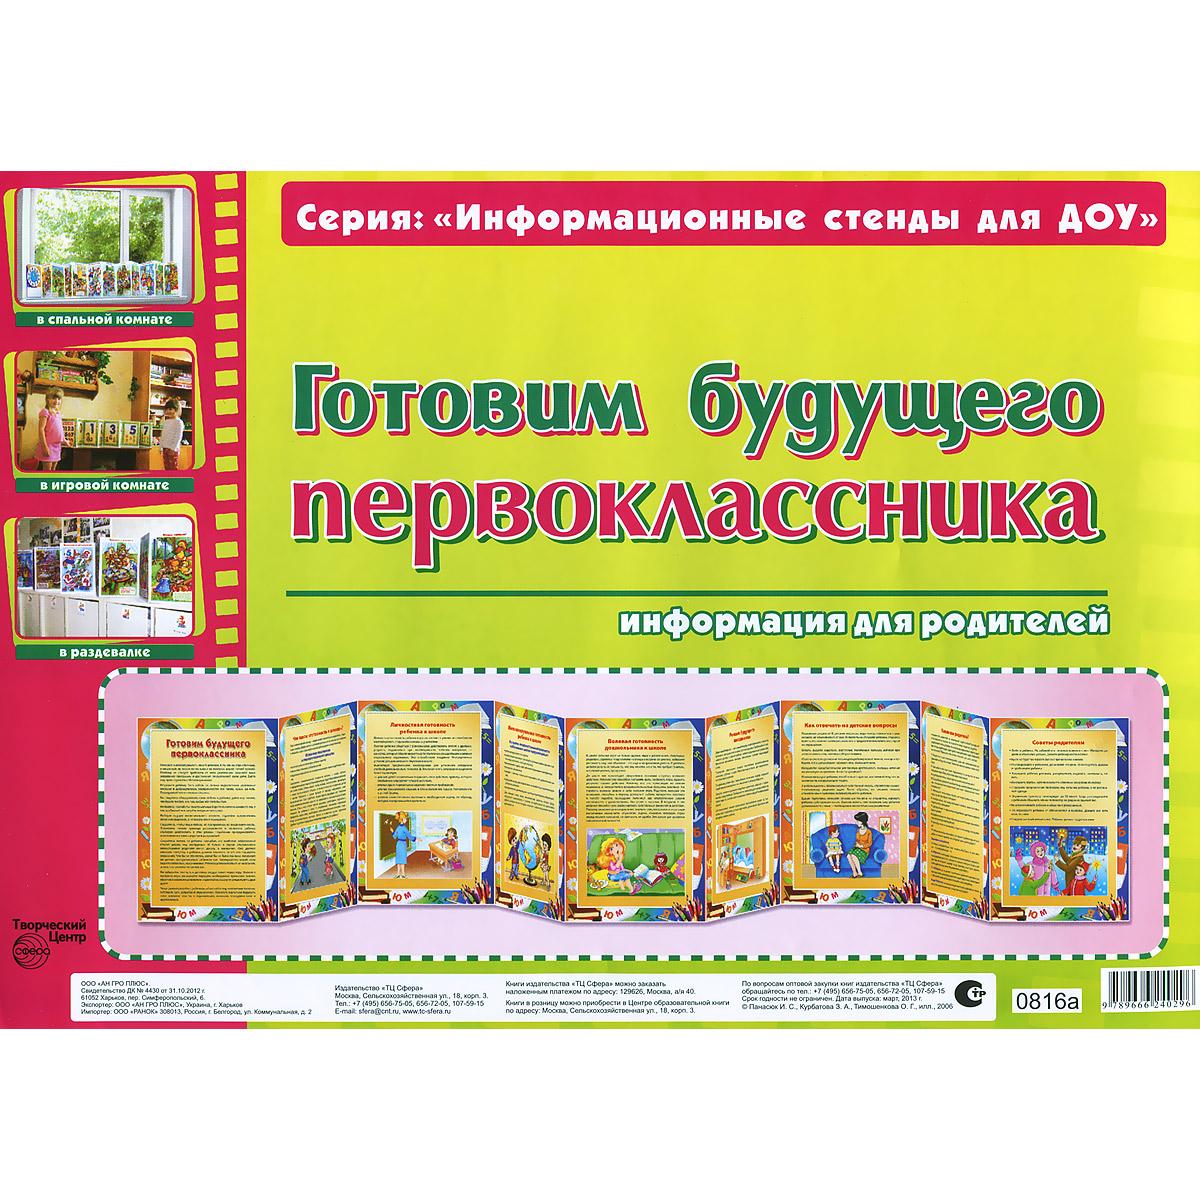 Готовим будущего первоклассника. Информационный стенд ISBN: 4823076108410 ульева е книга будущего первоклассника